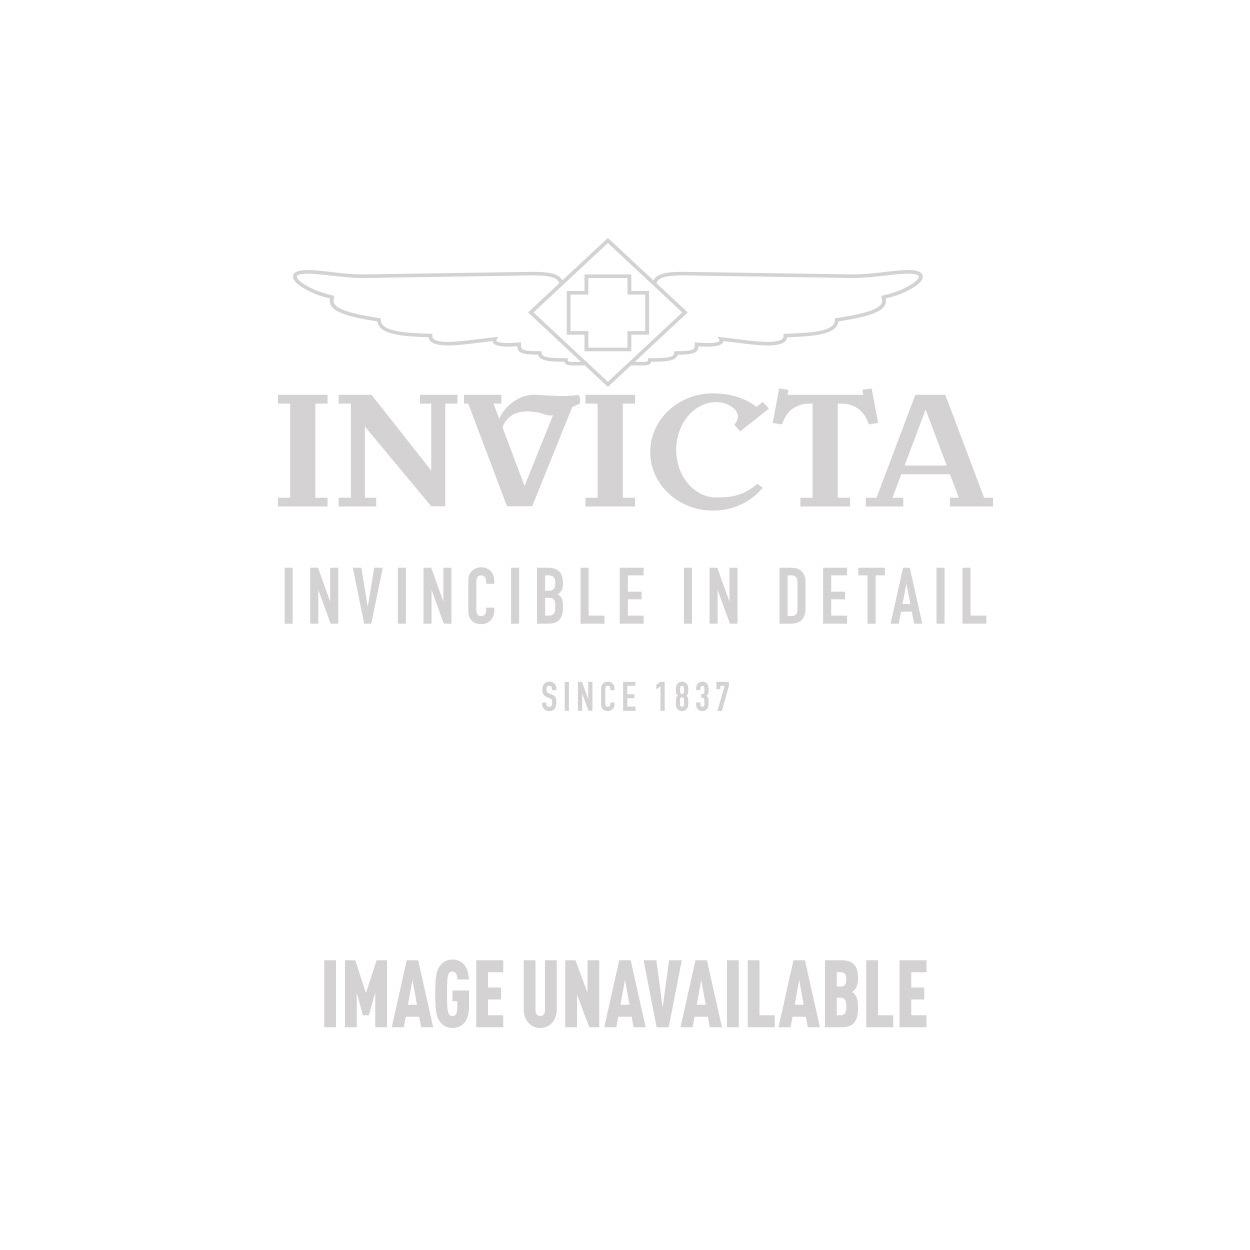 Invicta Model 22699